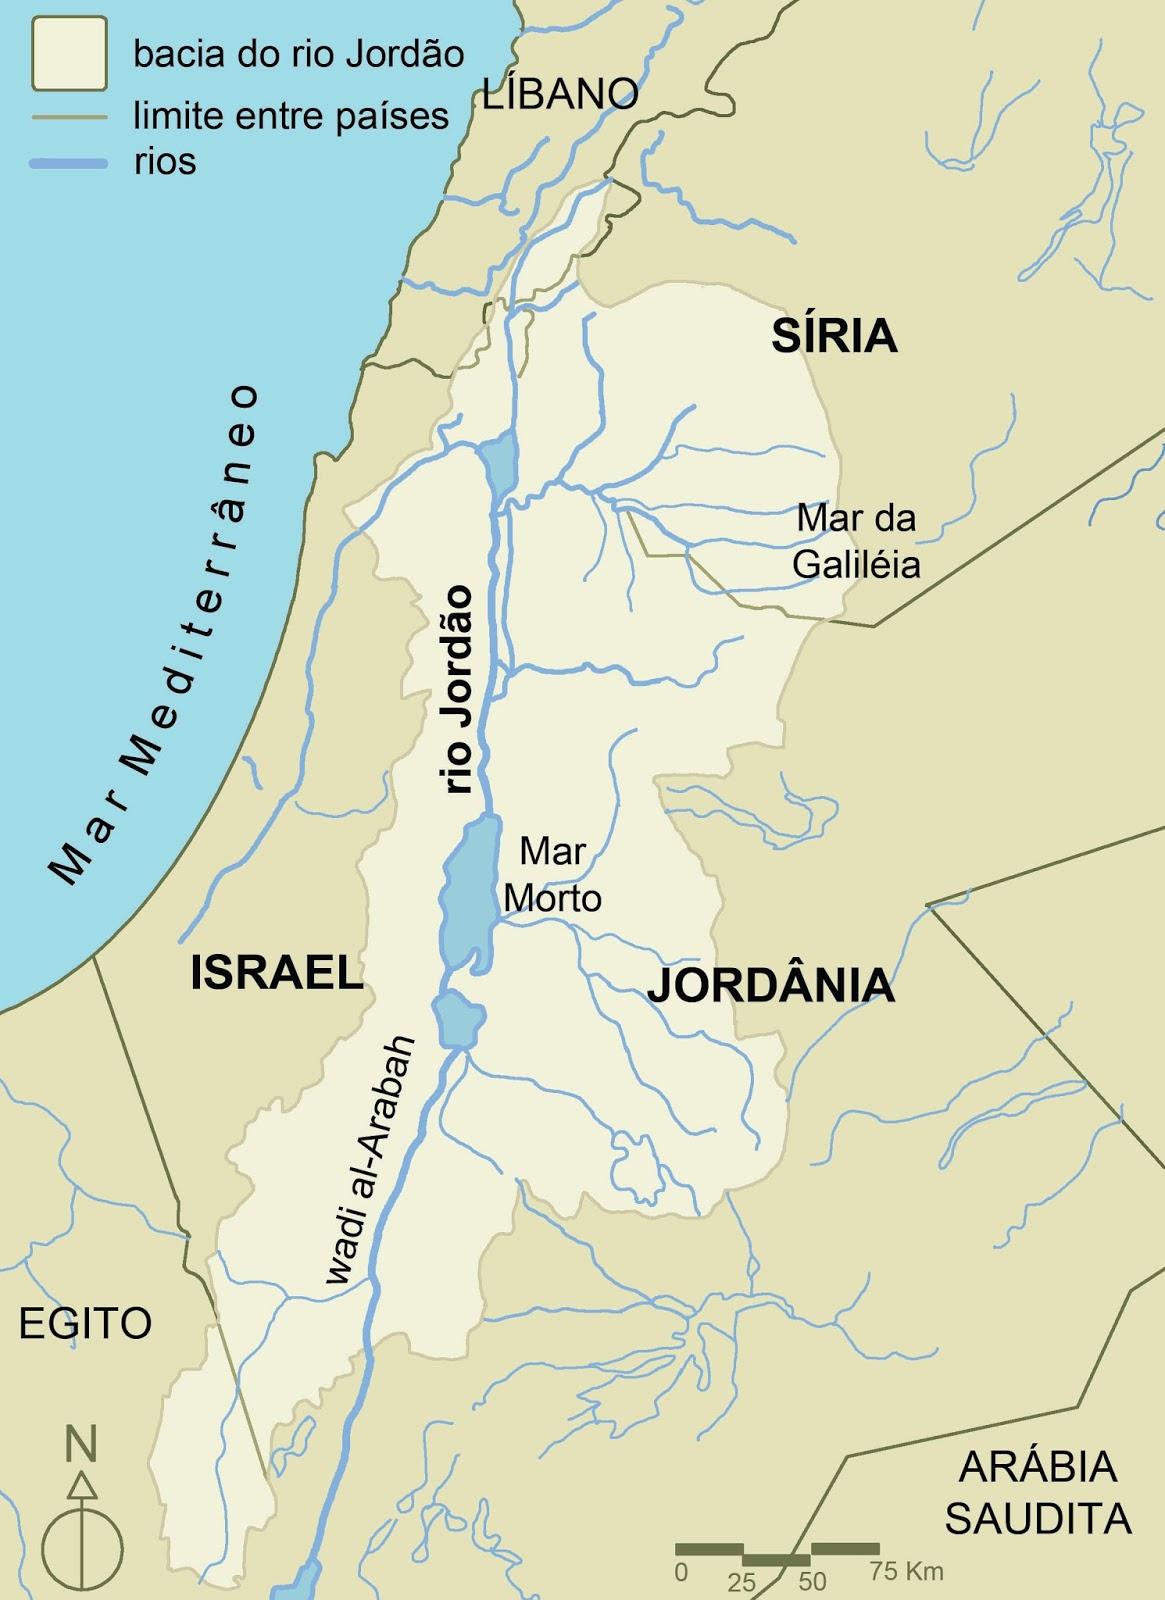 Bacia do Rio Jordão